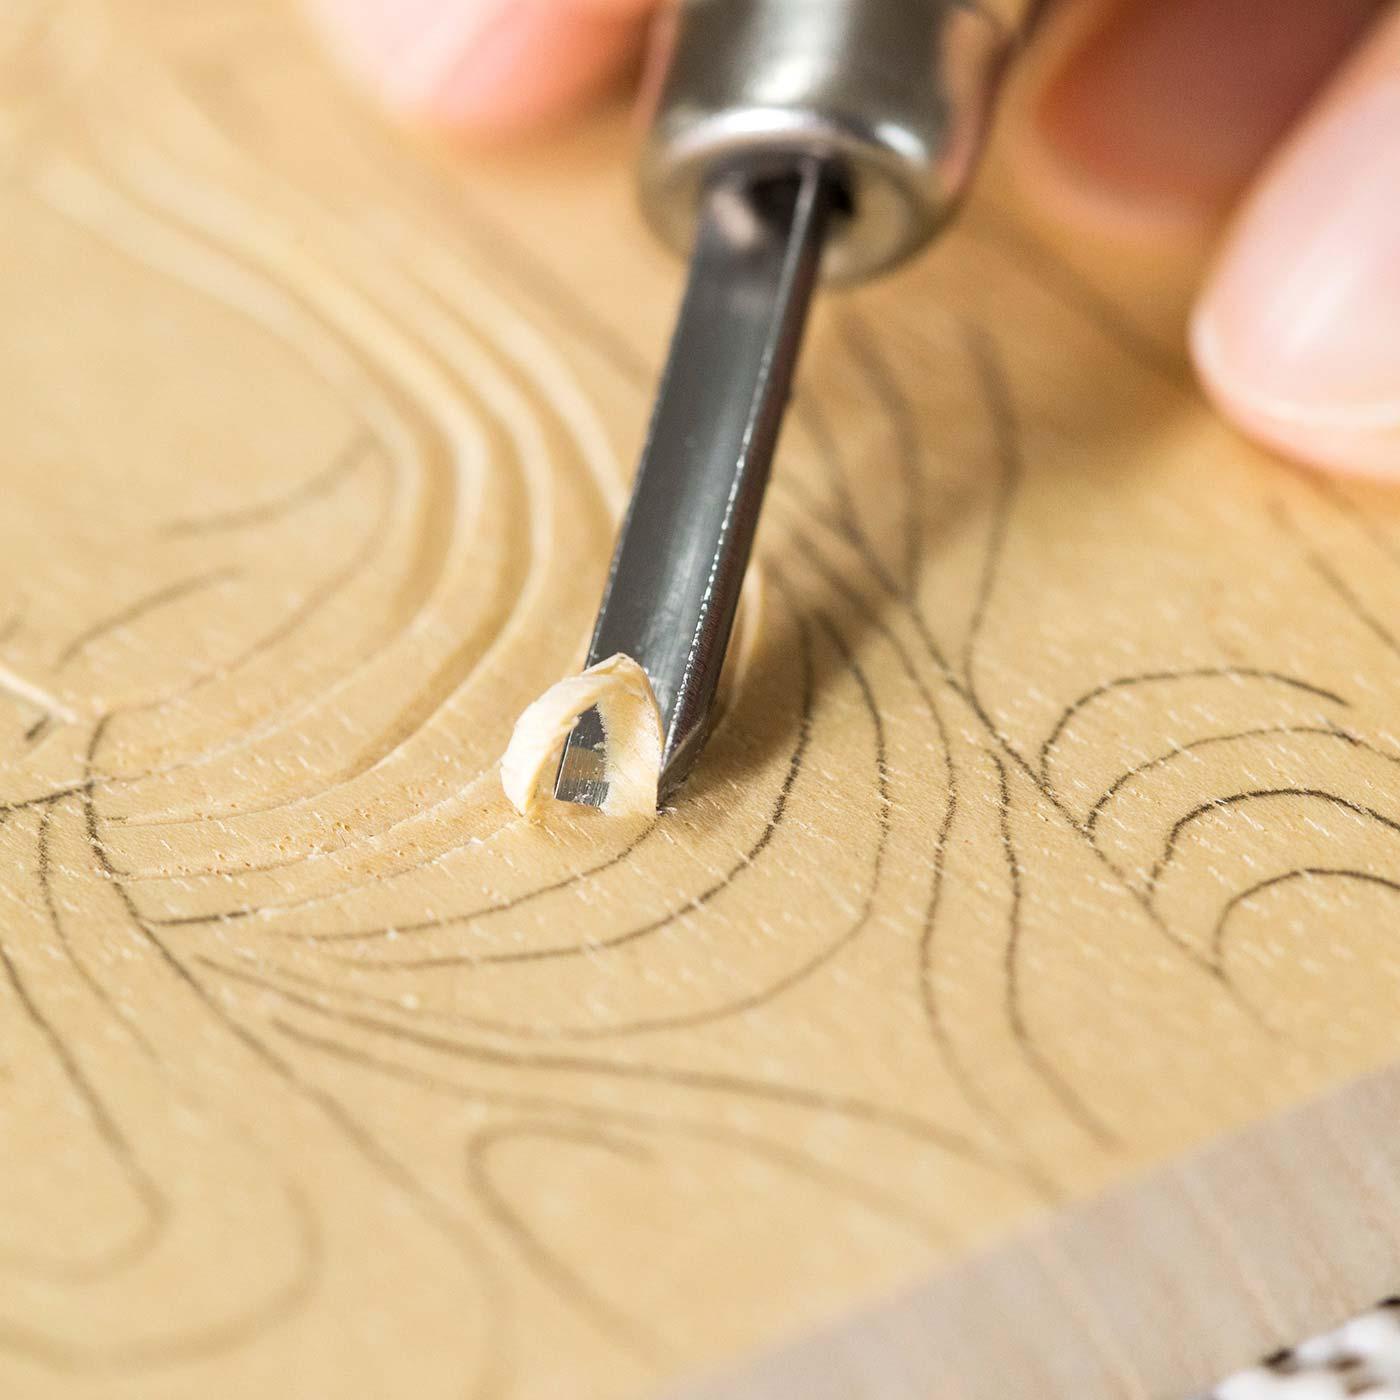 刃を版面に寝かせて彫ると、切削面の影に濃淡が生まれ、線に深みが出ます。